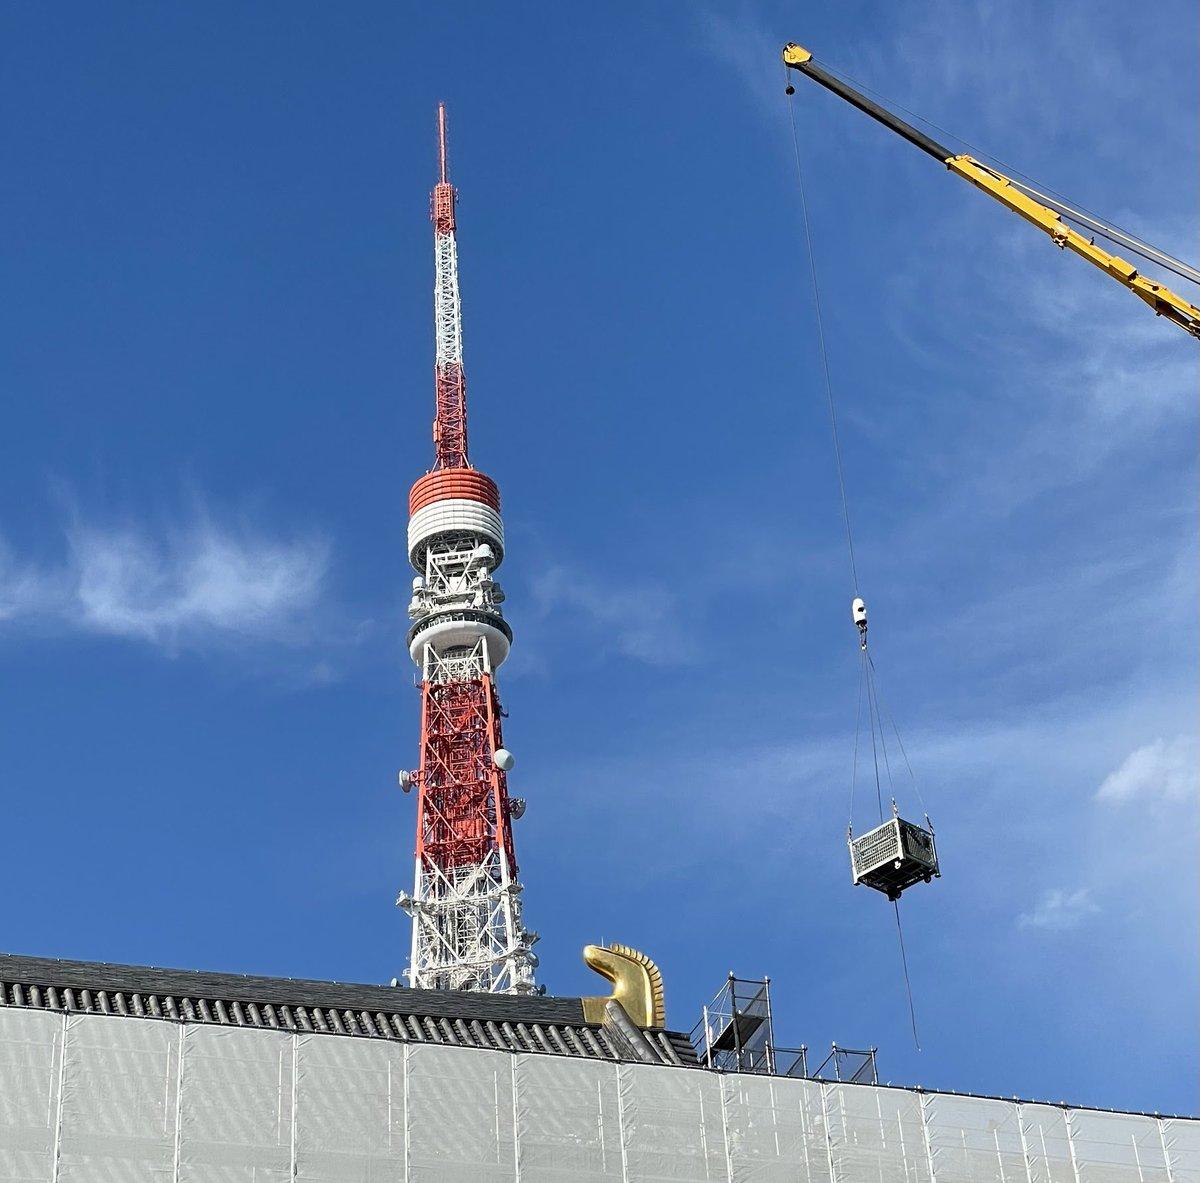 大殿屋根瓦総葺き替え工事はおかげさまで順調に進んでおり、最上部の鴟尾(しび)付近まで足場がかかりました。#増上寺 #瓦志納 #zojoji